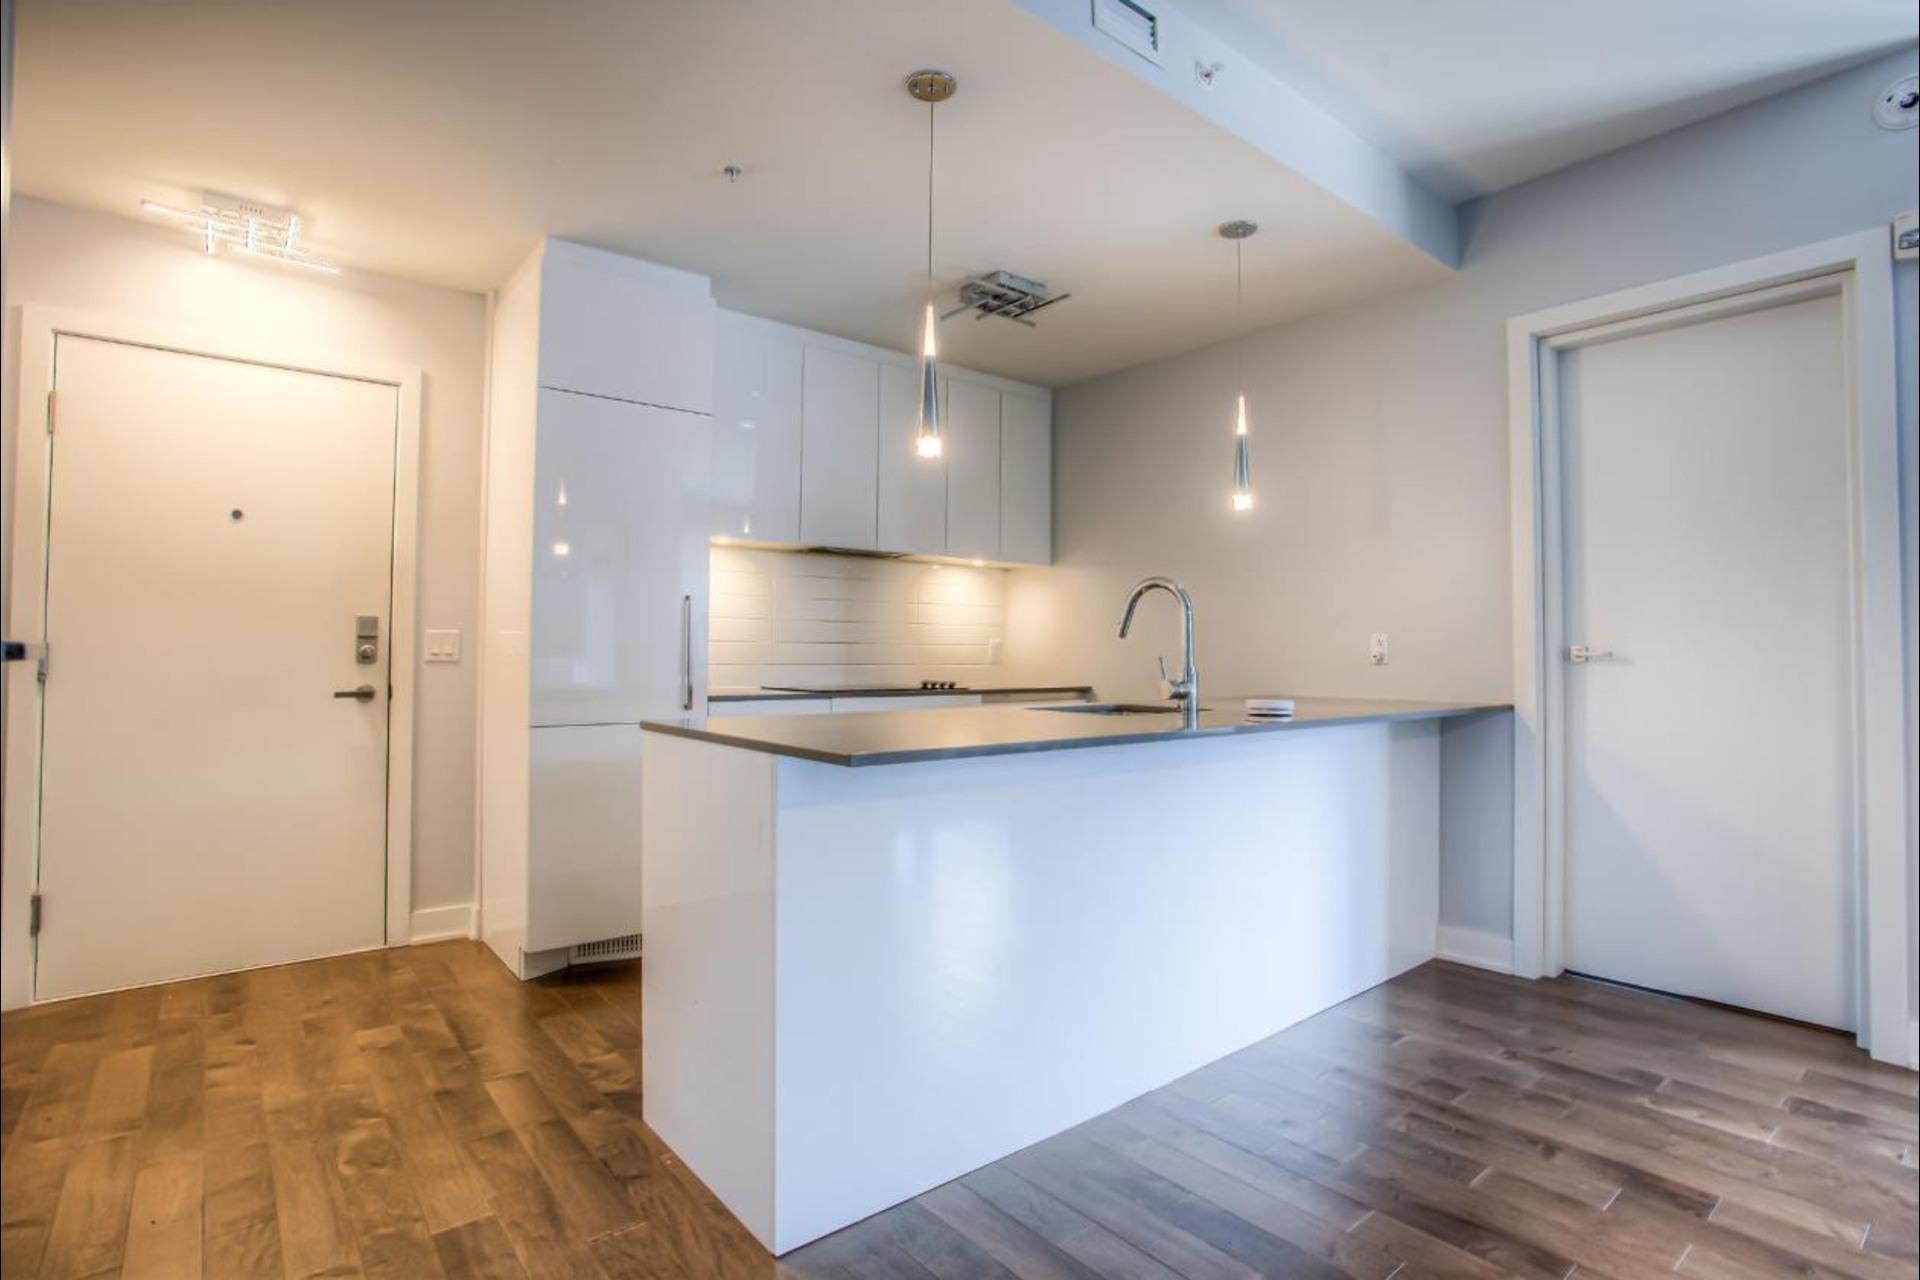 image 1 - Condo For rent Montréal - 6 rooms